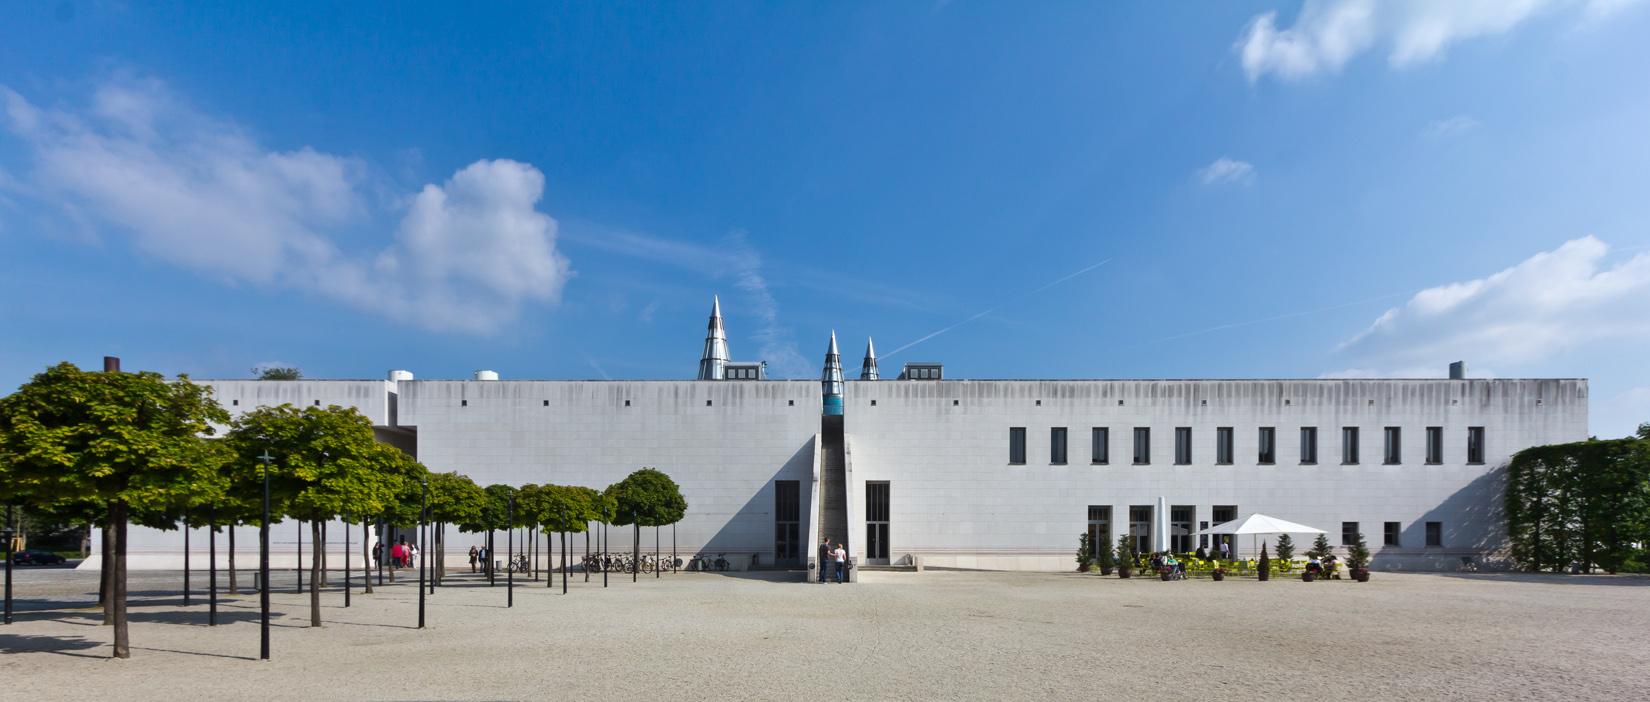 Kunst- und Ausstellungshalle der Bundesrepublik Deutschland Bundeskunsthalle Bonn ArtJunk